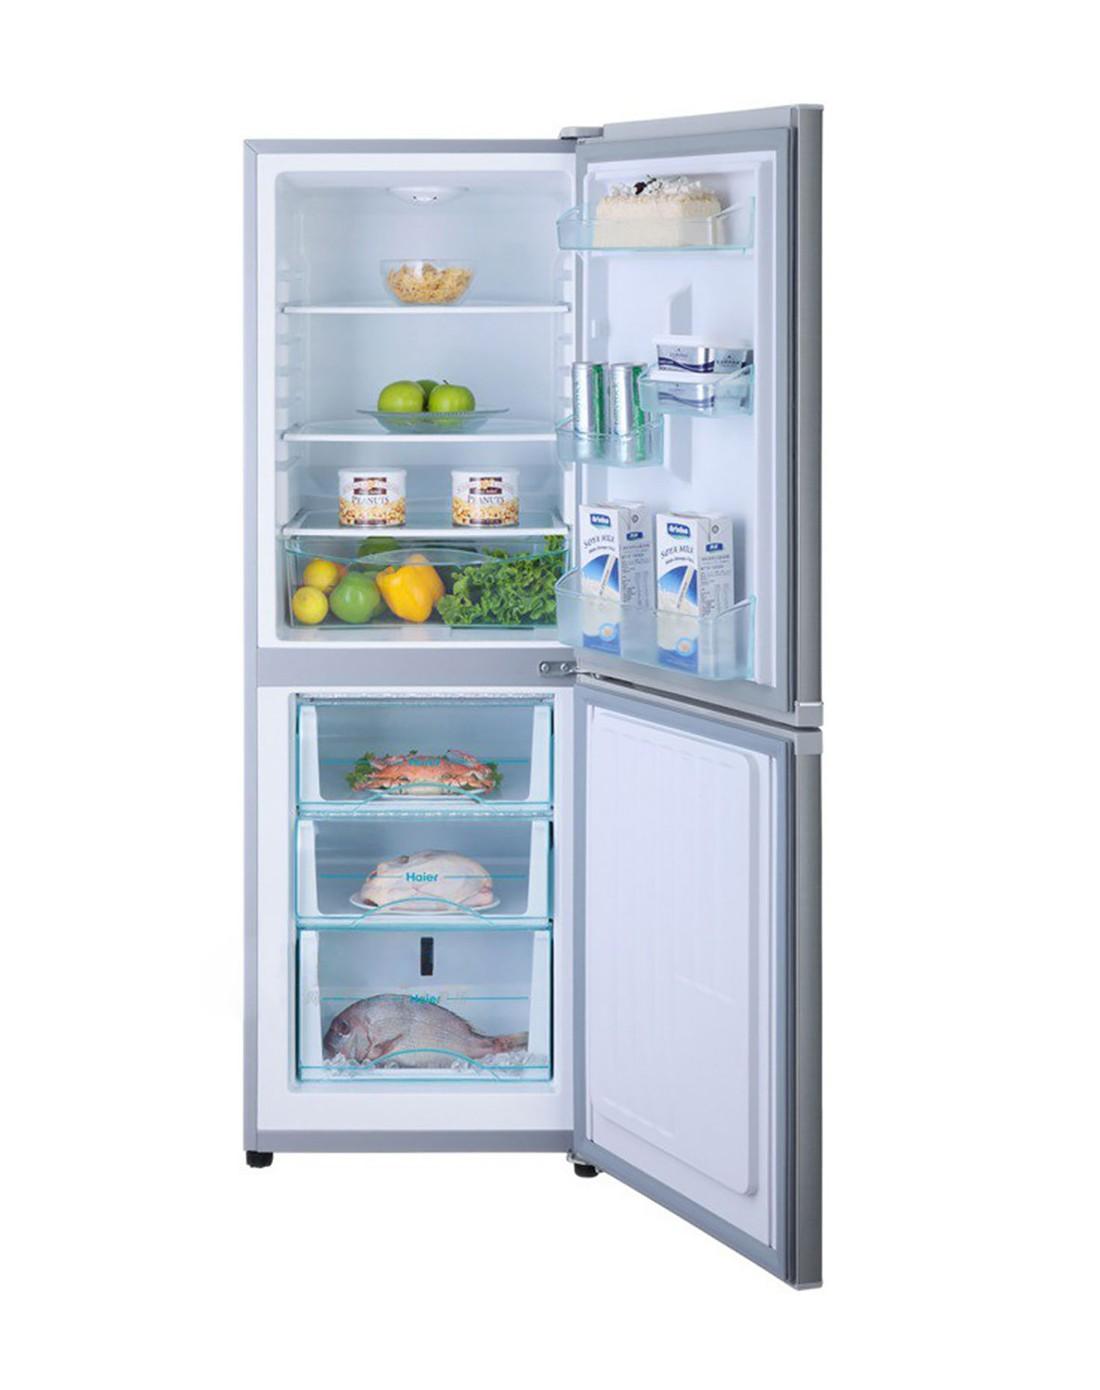 海尔haier冰洗空专场196升两门冰箱 冷藏冷冻节能 bcd